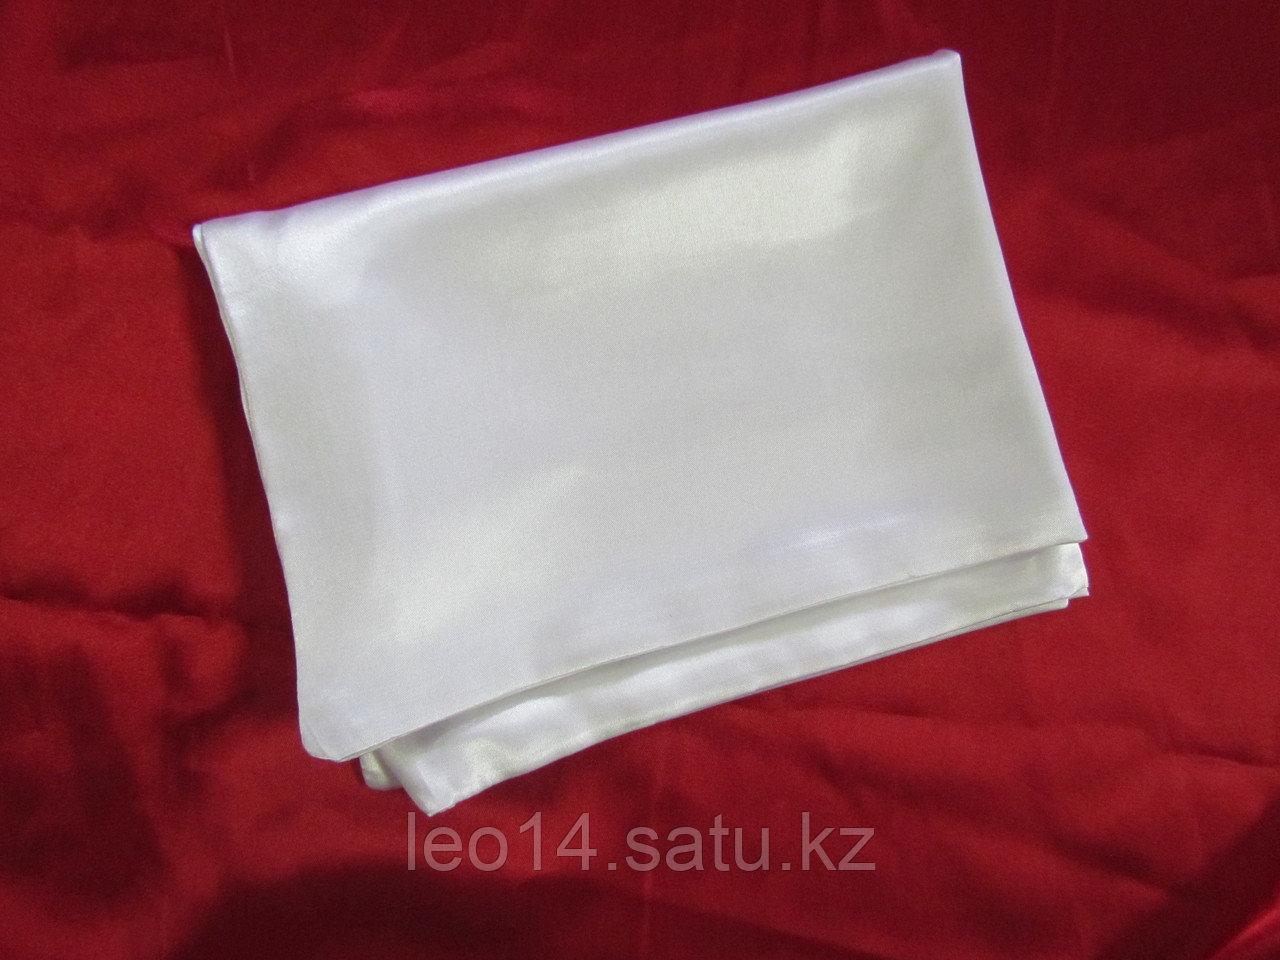 Наволочка белая для сублимации, 20х30 см, атлас